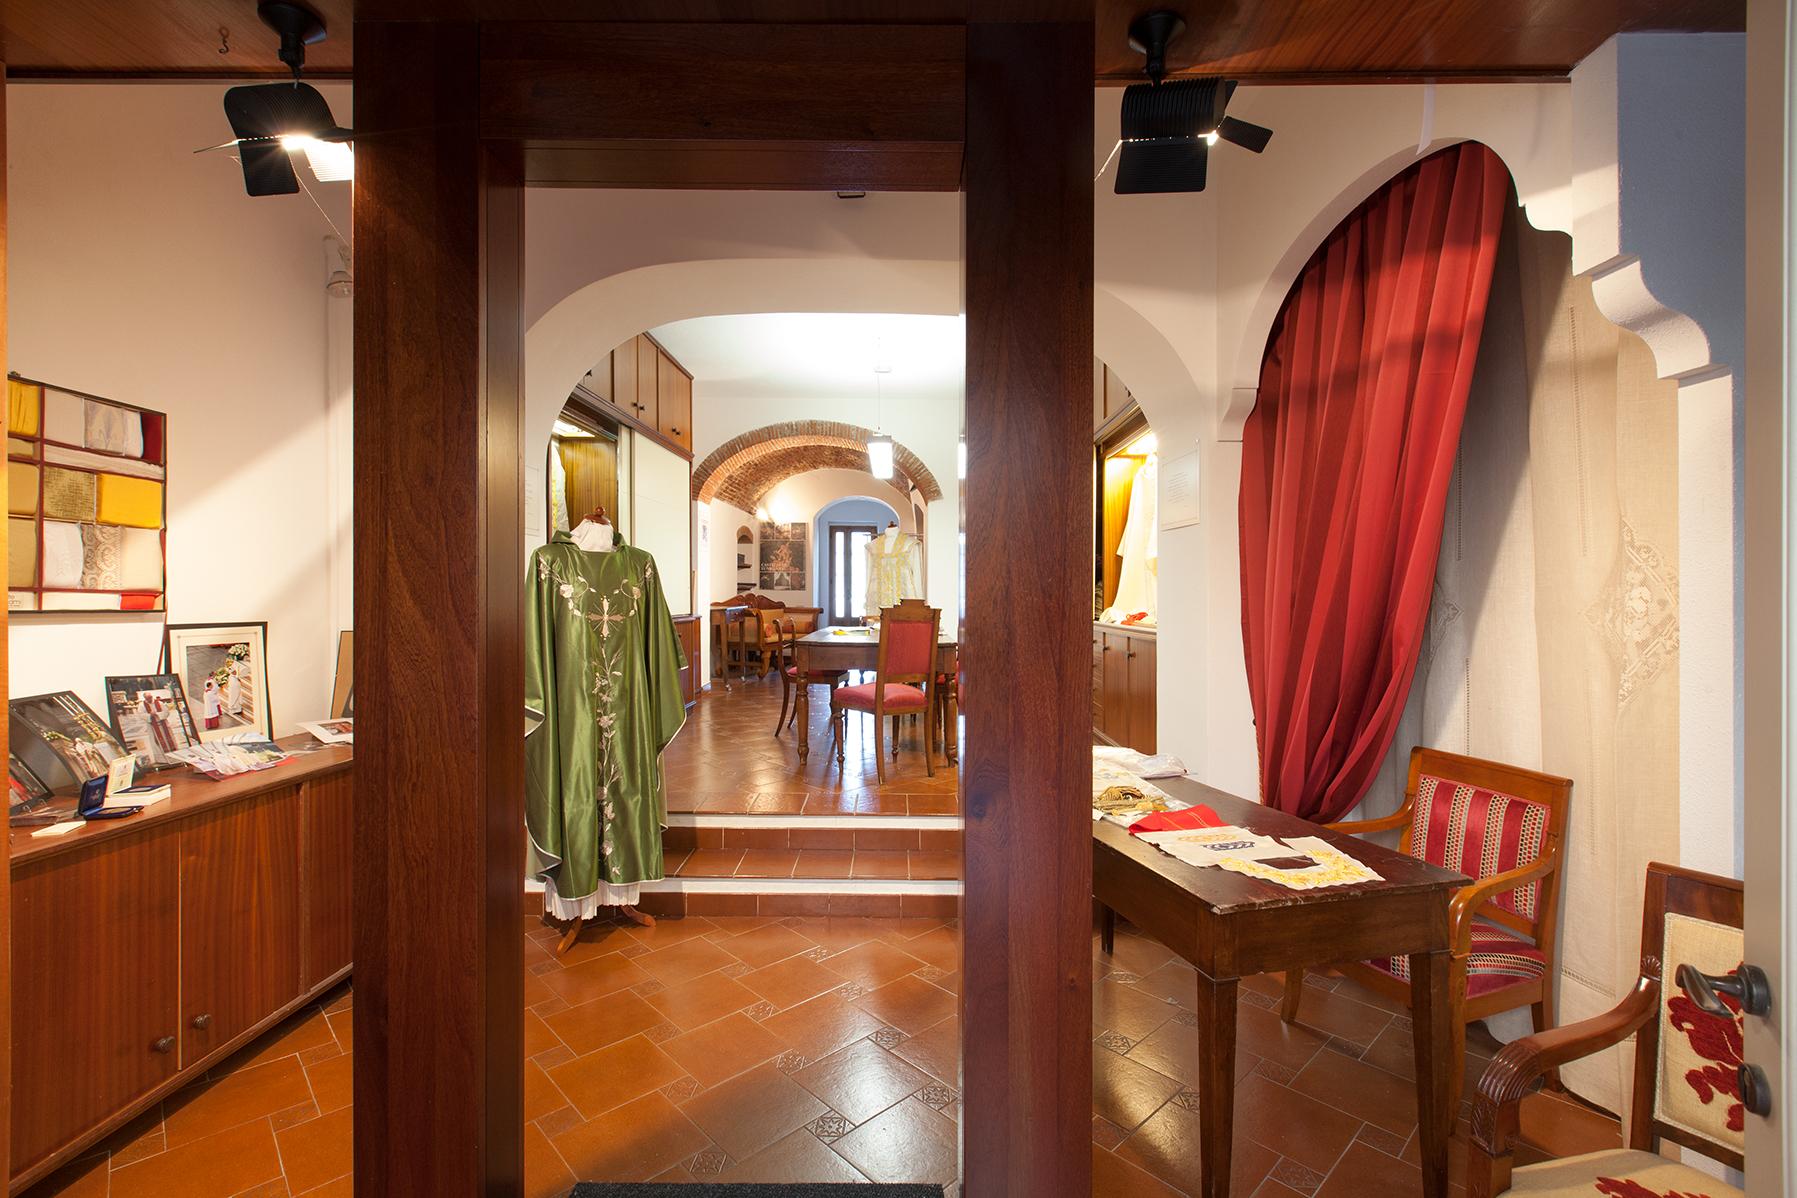 Shop of Arte Ricami in Fosdinovo